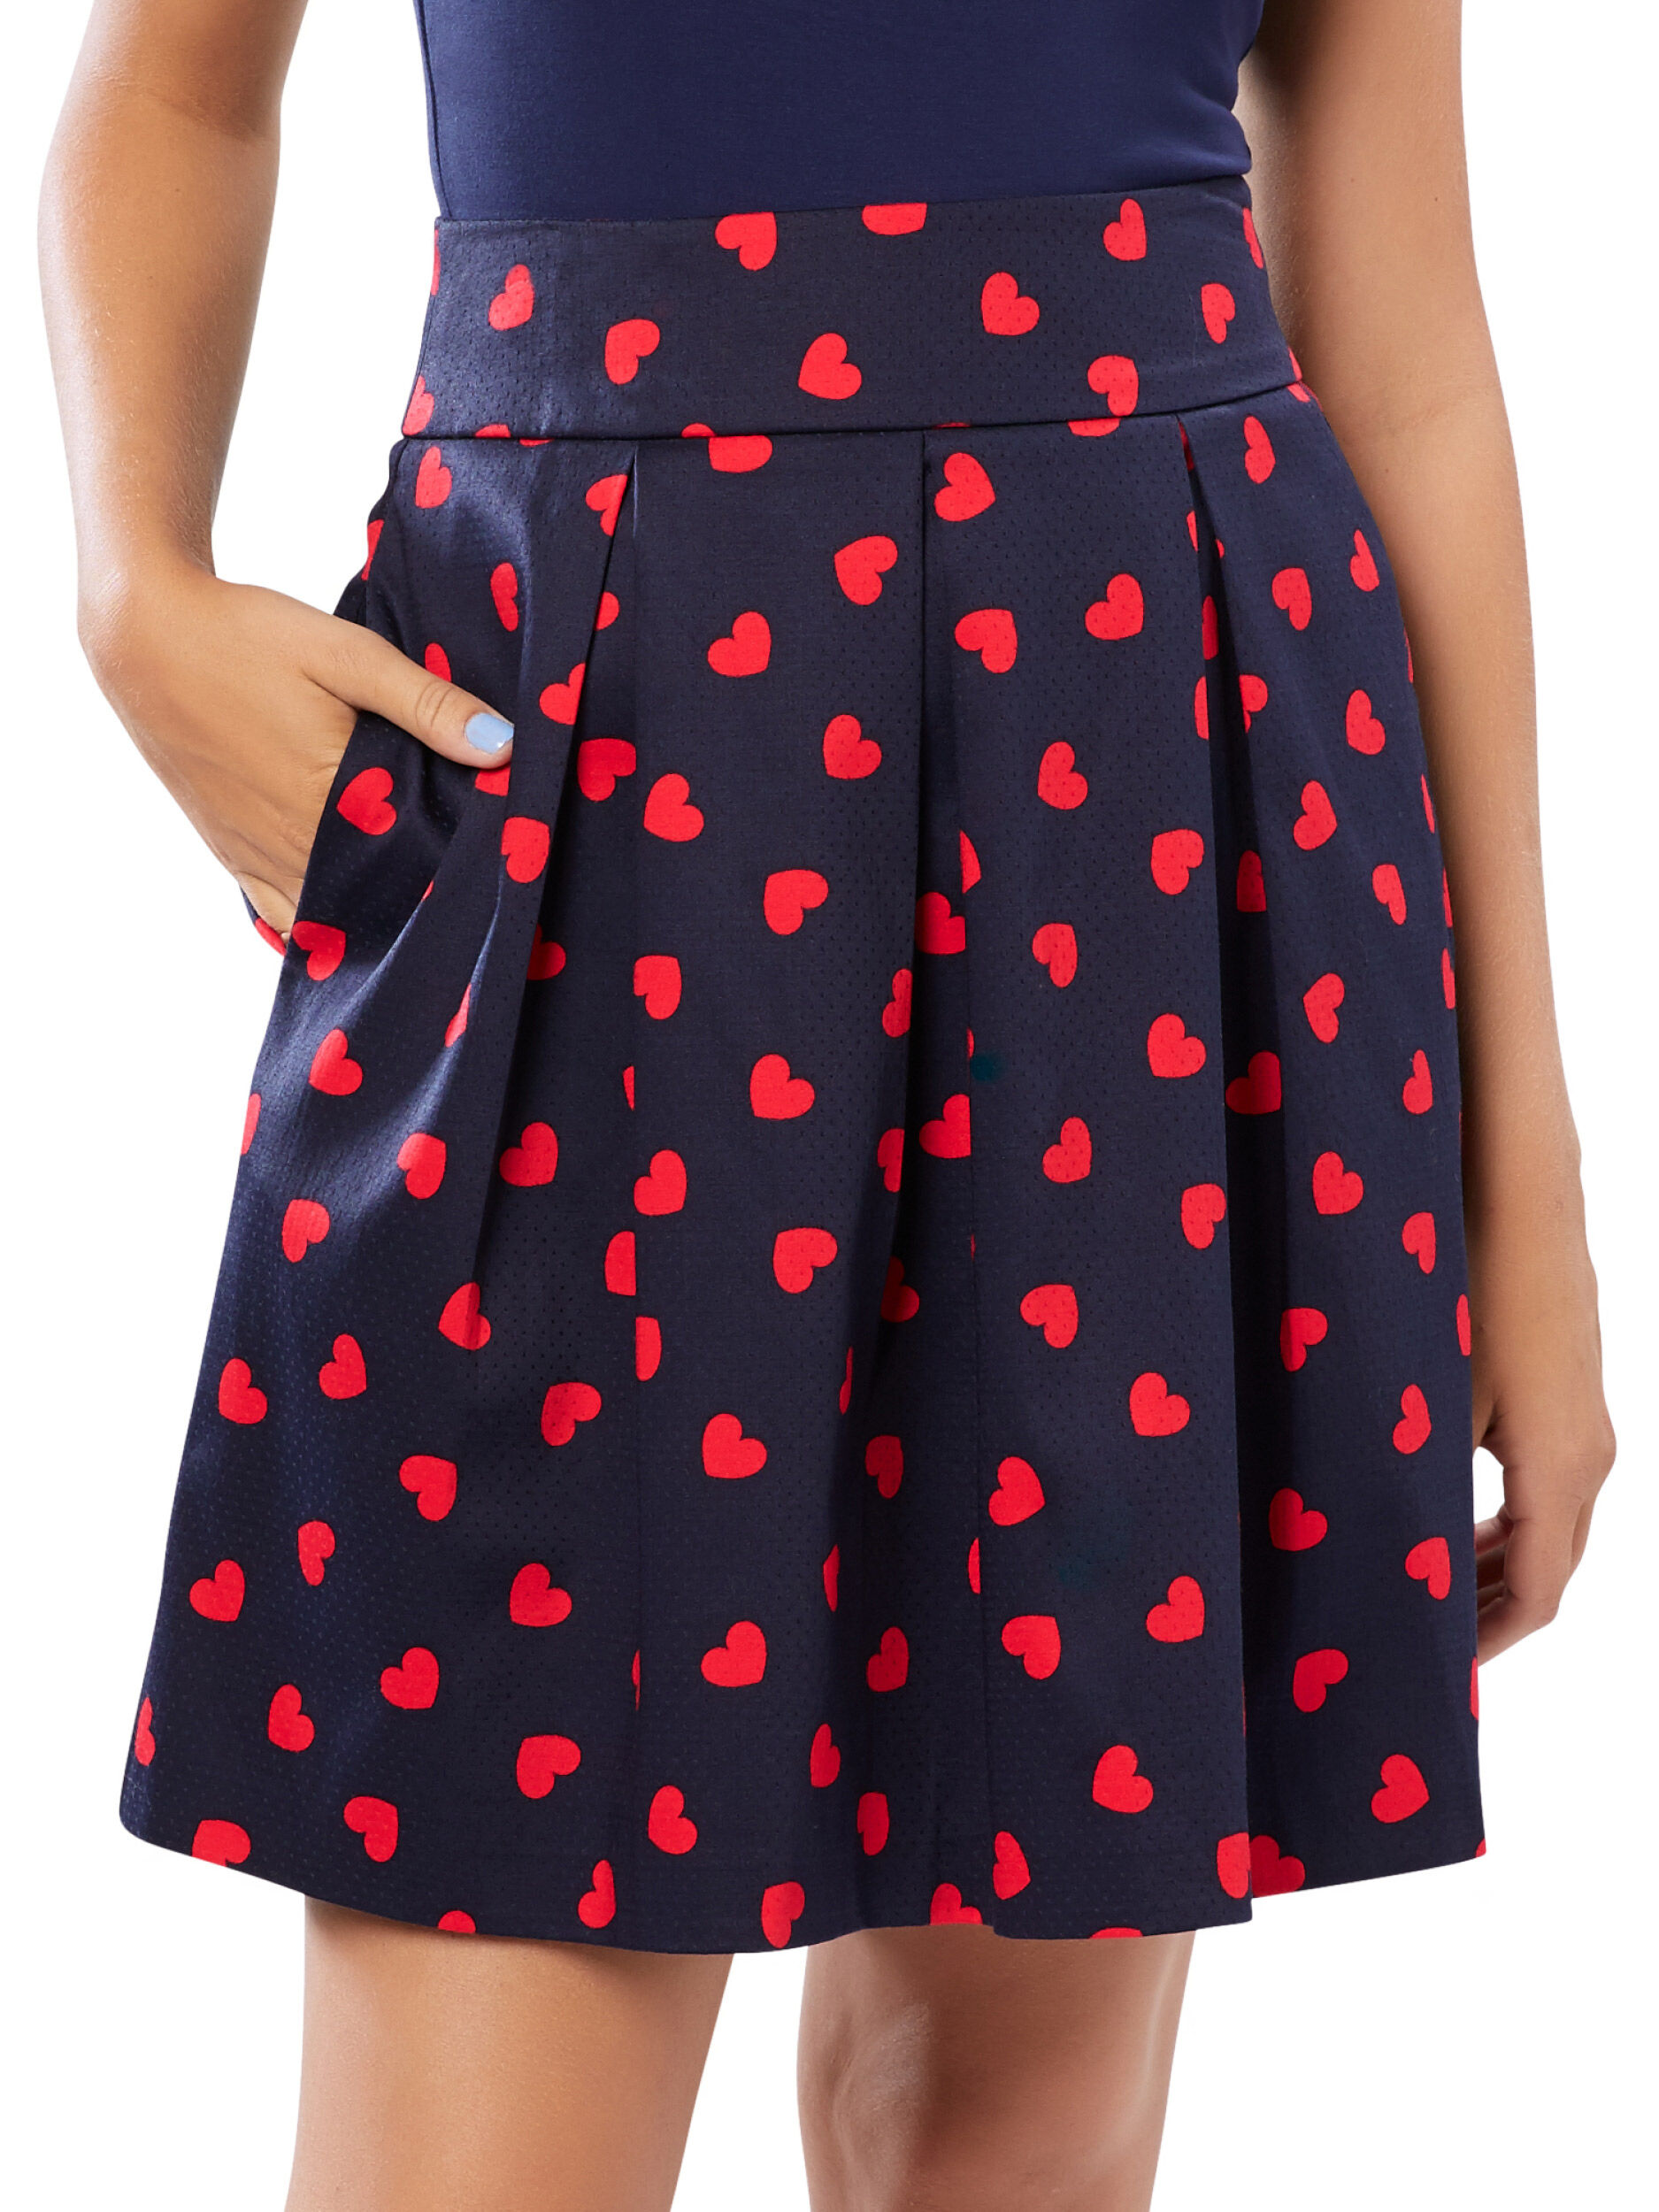 Falling In Love Skirt